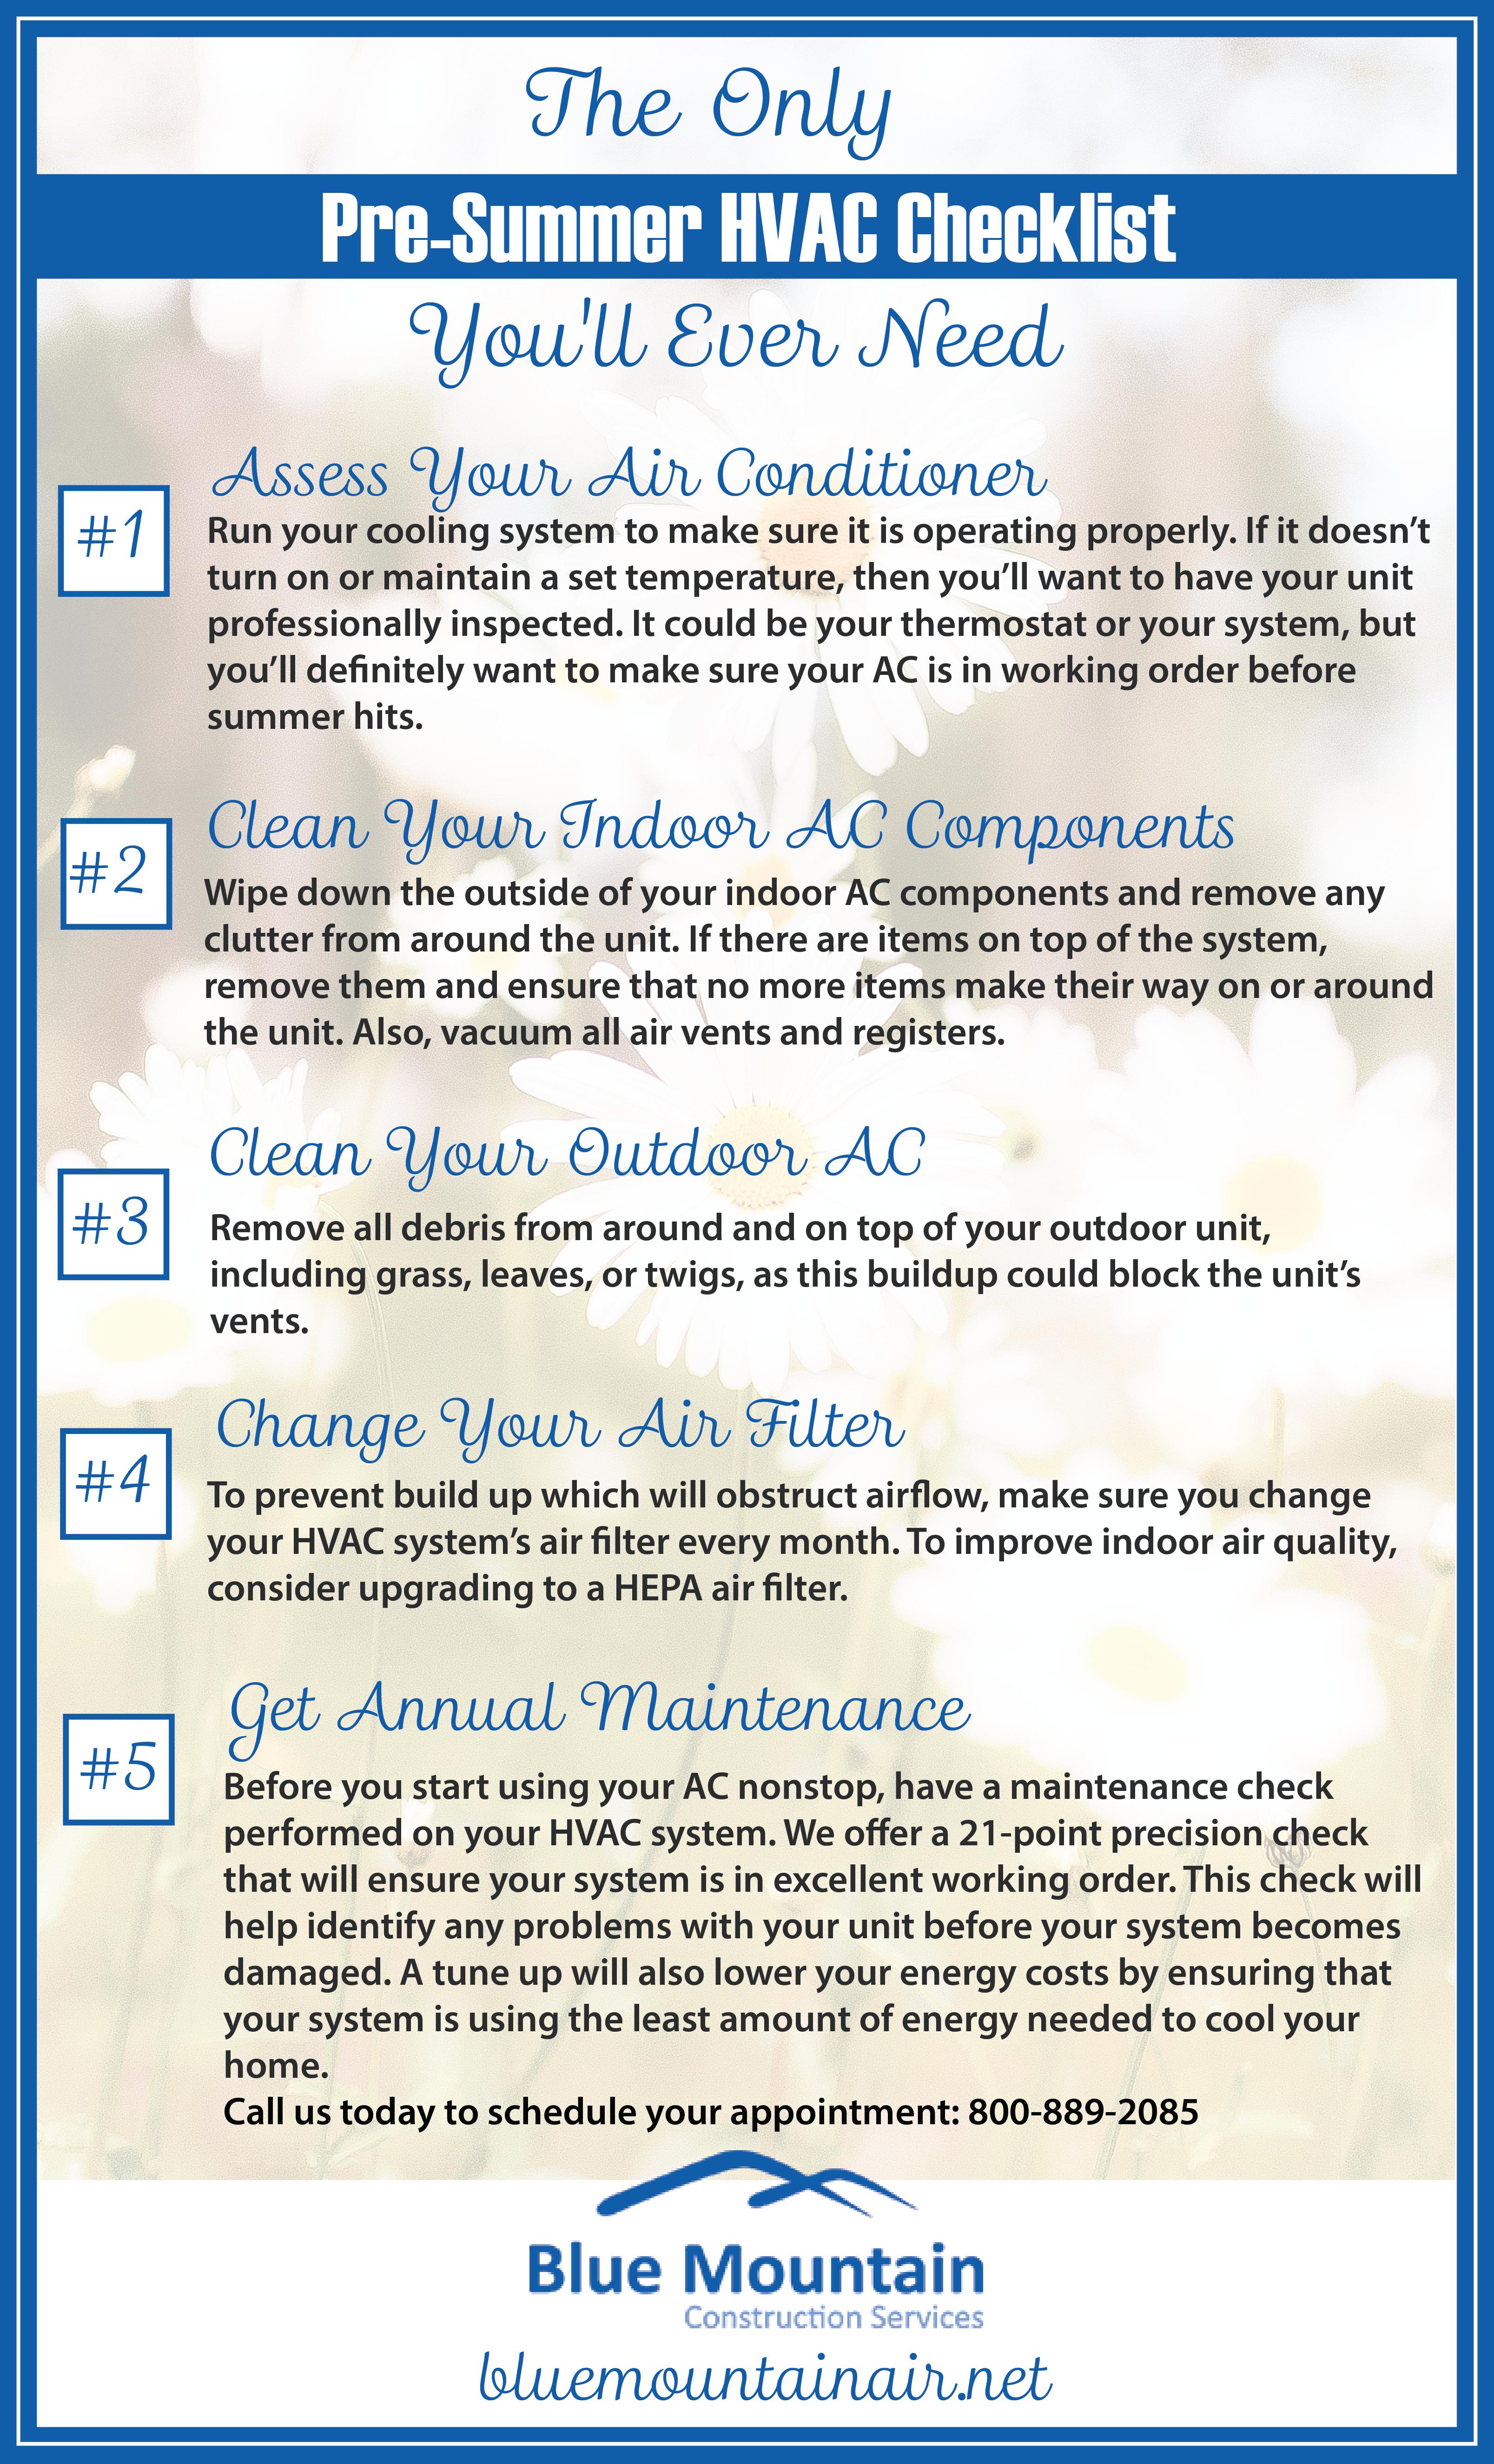 Pre-Summer HVAC Checklist